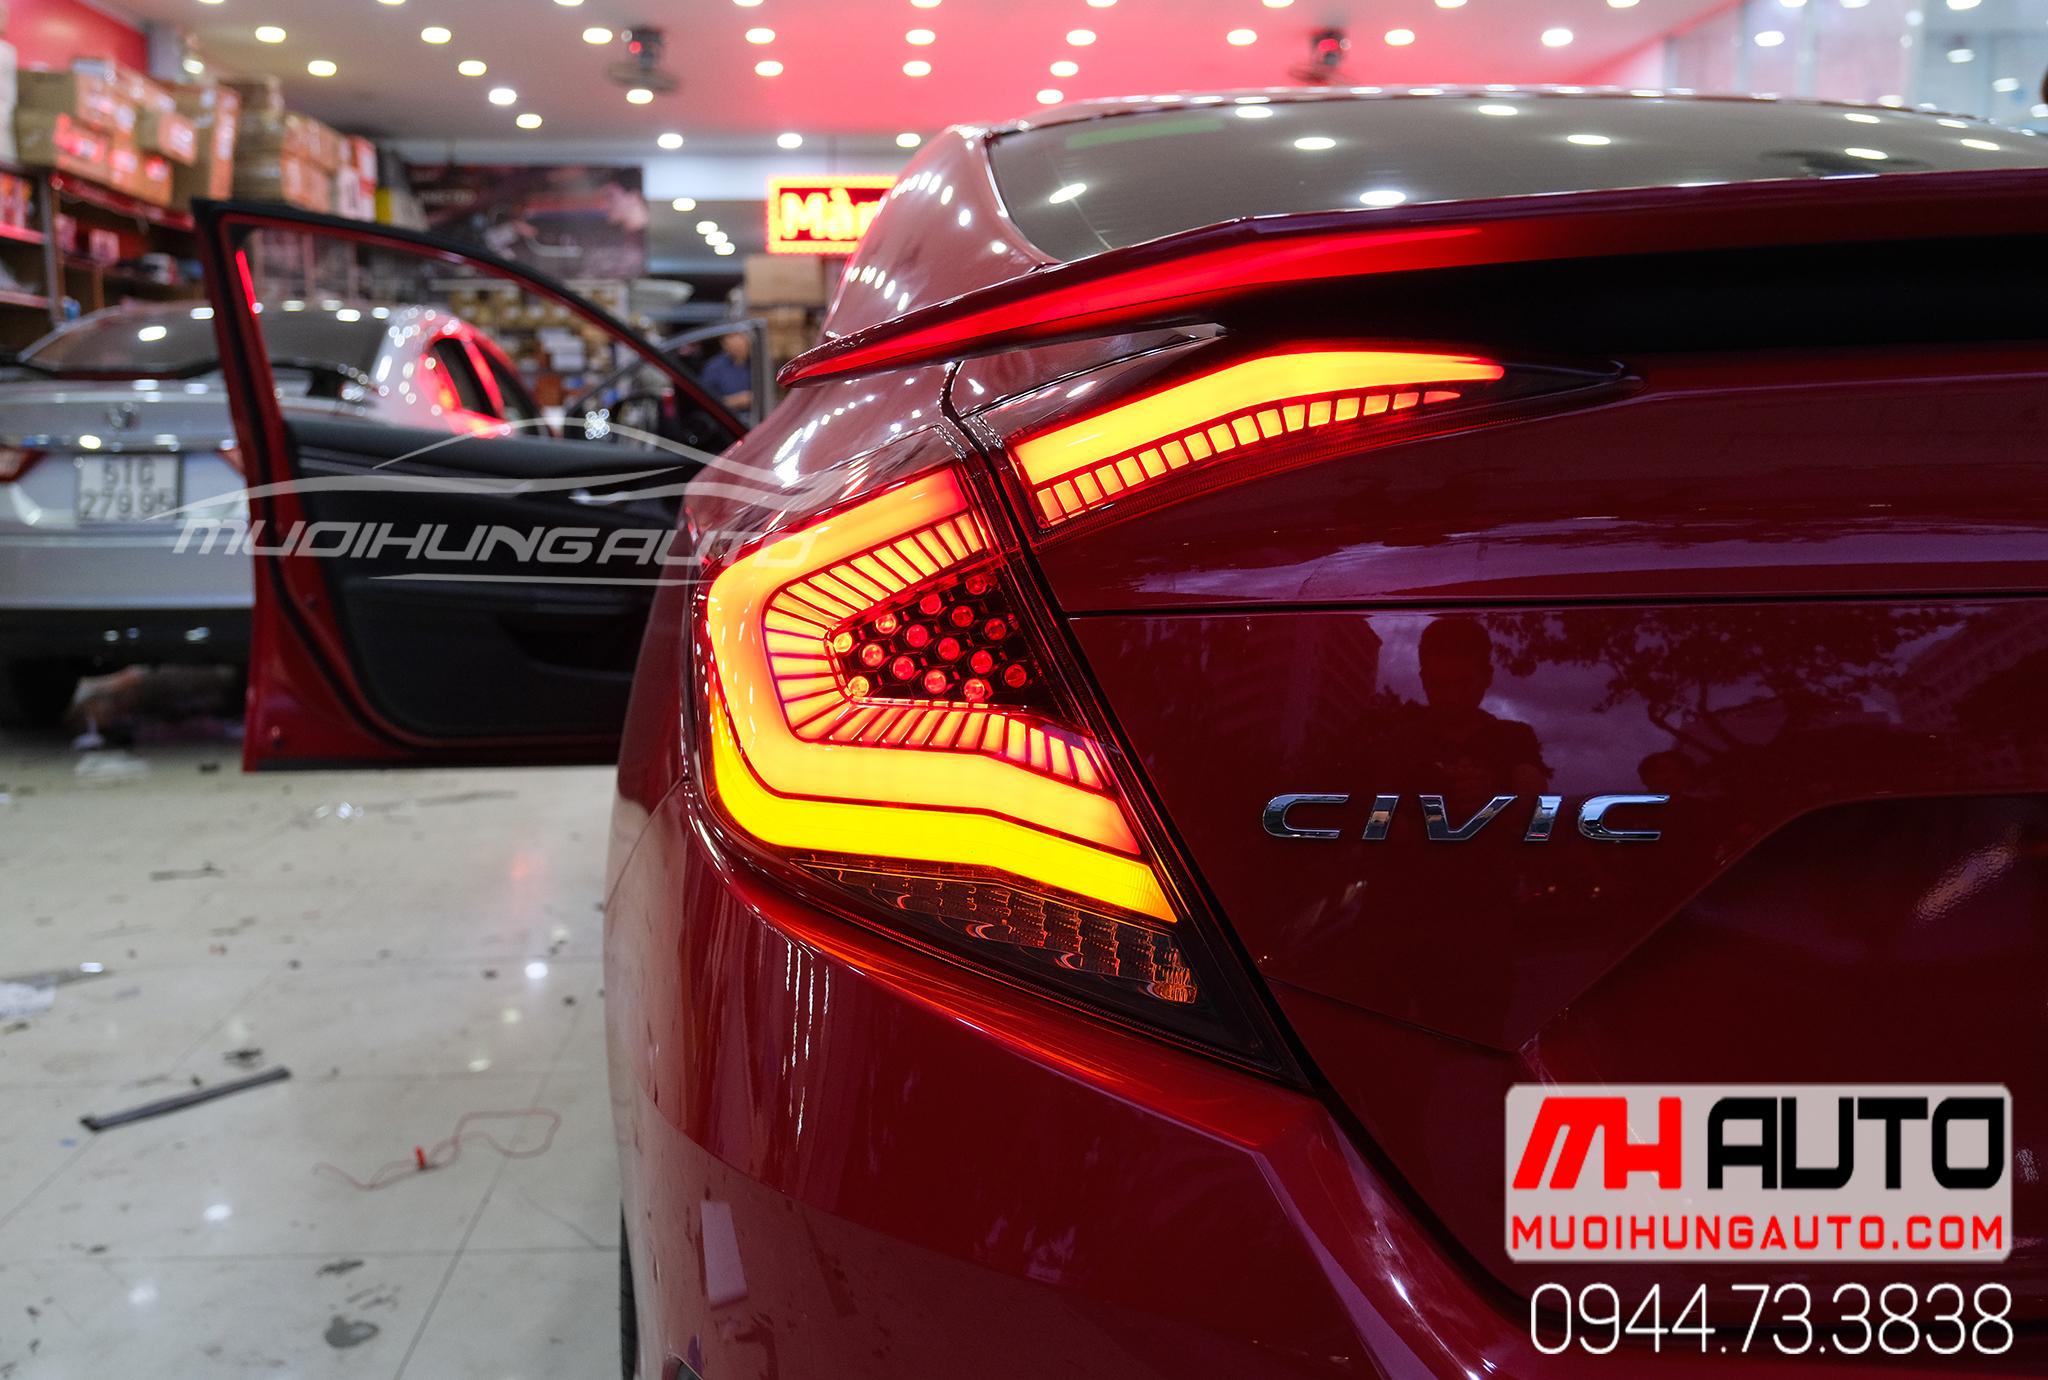 Thay đèn hậu nguyên cụm xe Honda Civic 2019 mẫu mới 2019 - 2020